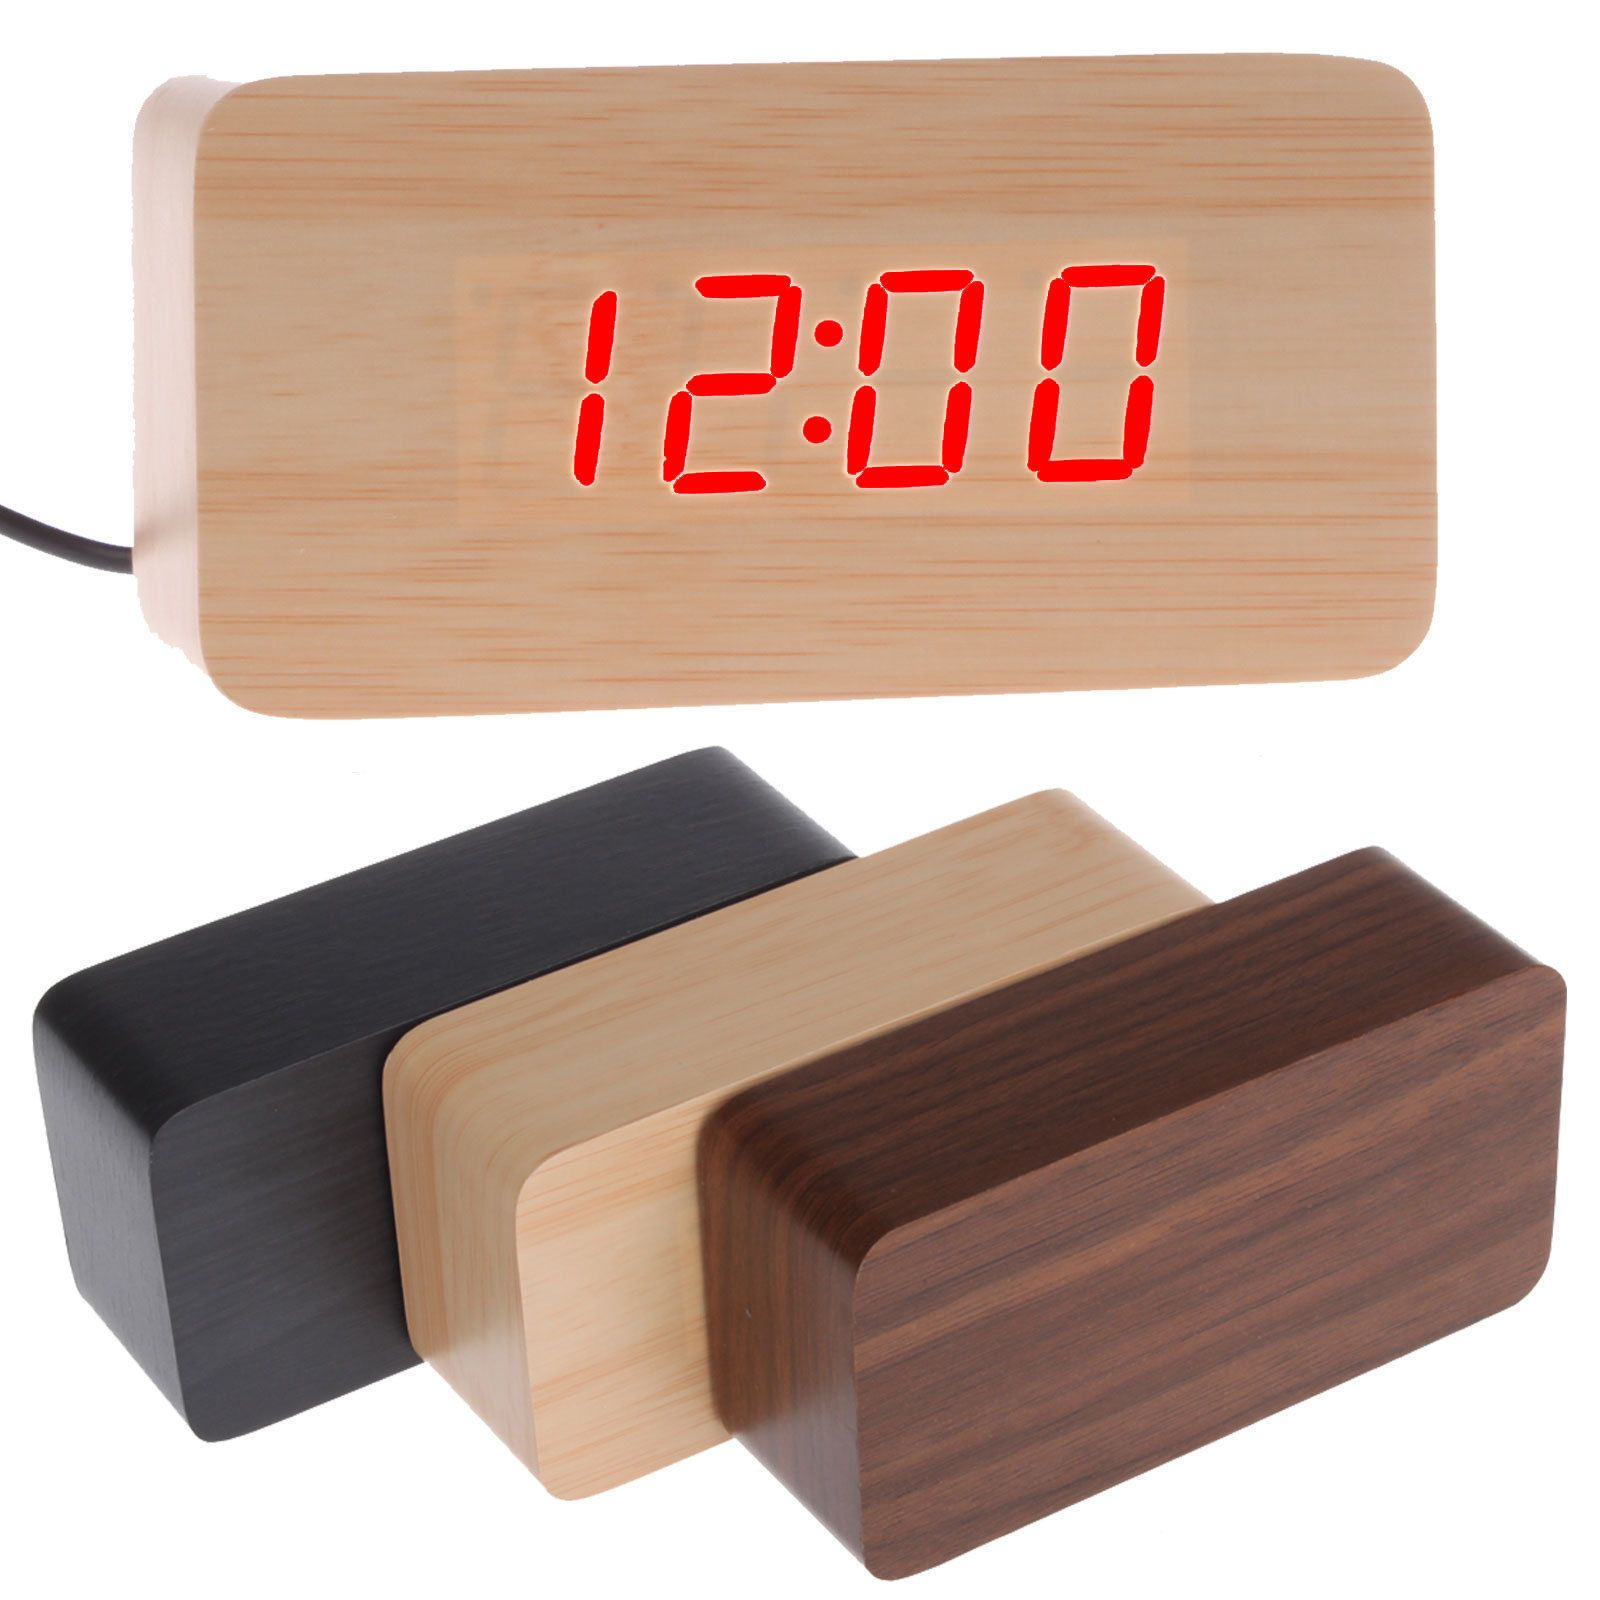 Alarm Clocks And Clock Radios 79643 Modern Wooden Wood Usb Aaa